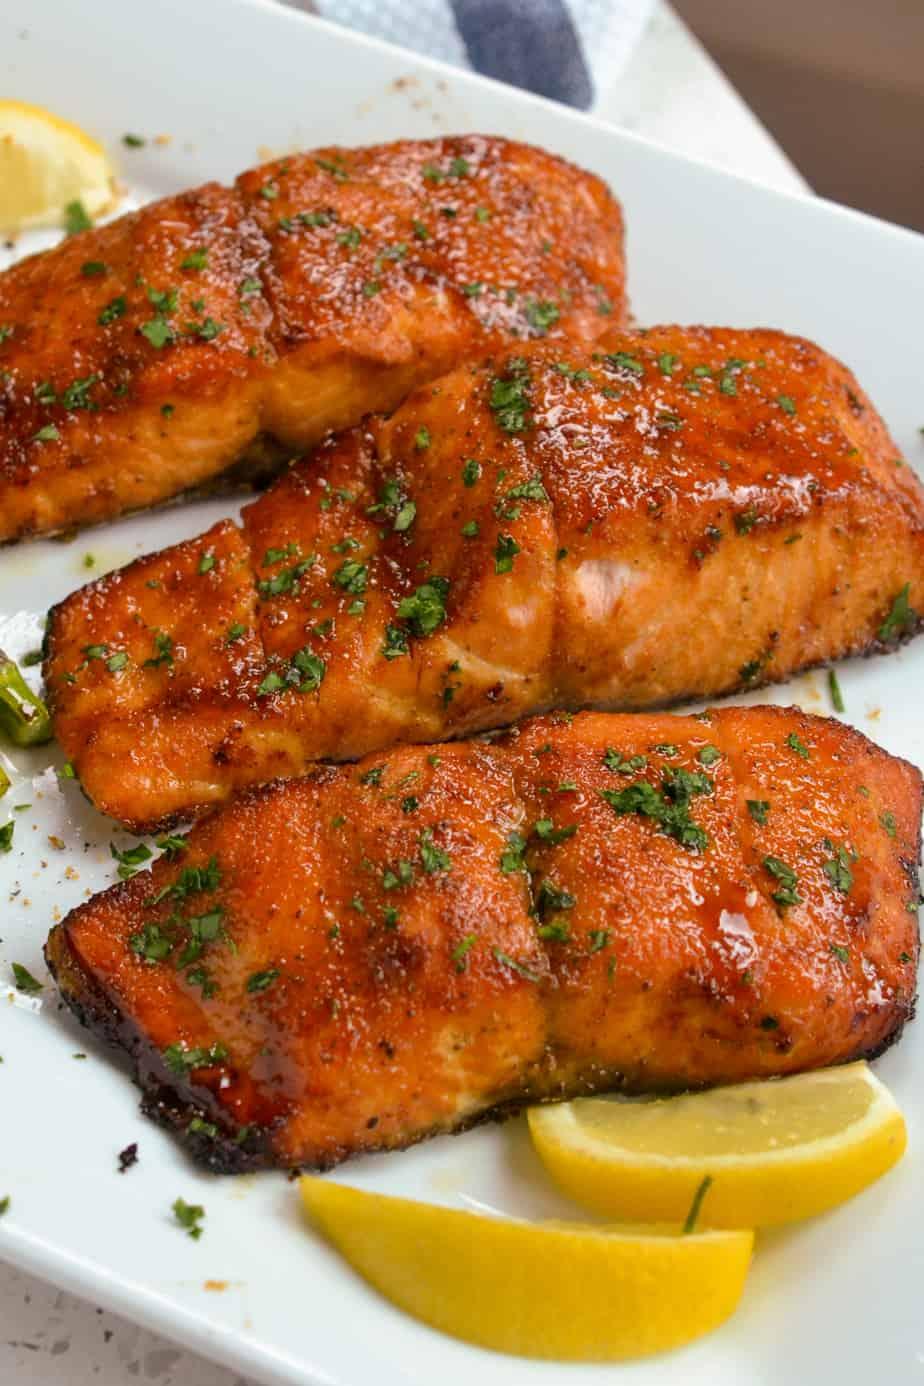 Salmon filets on a plattter.